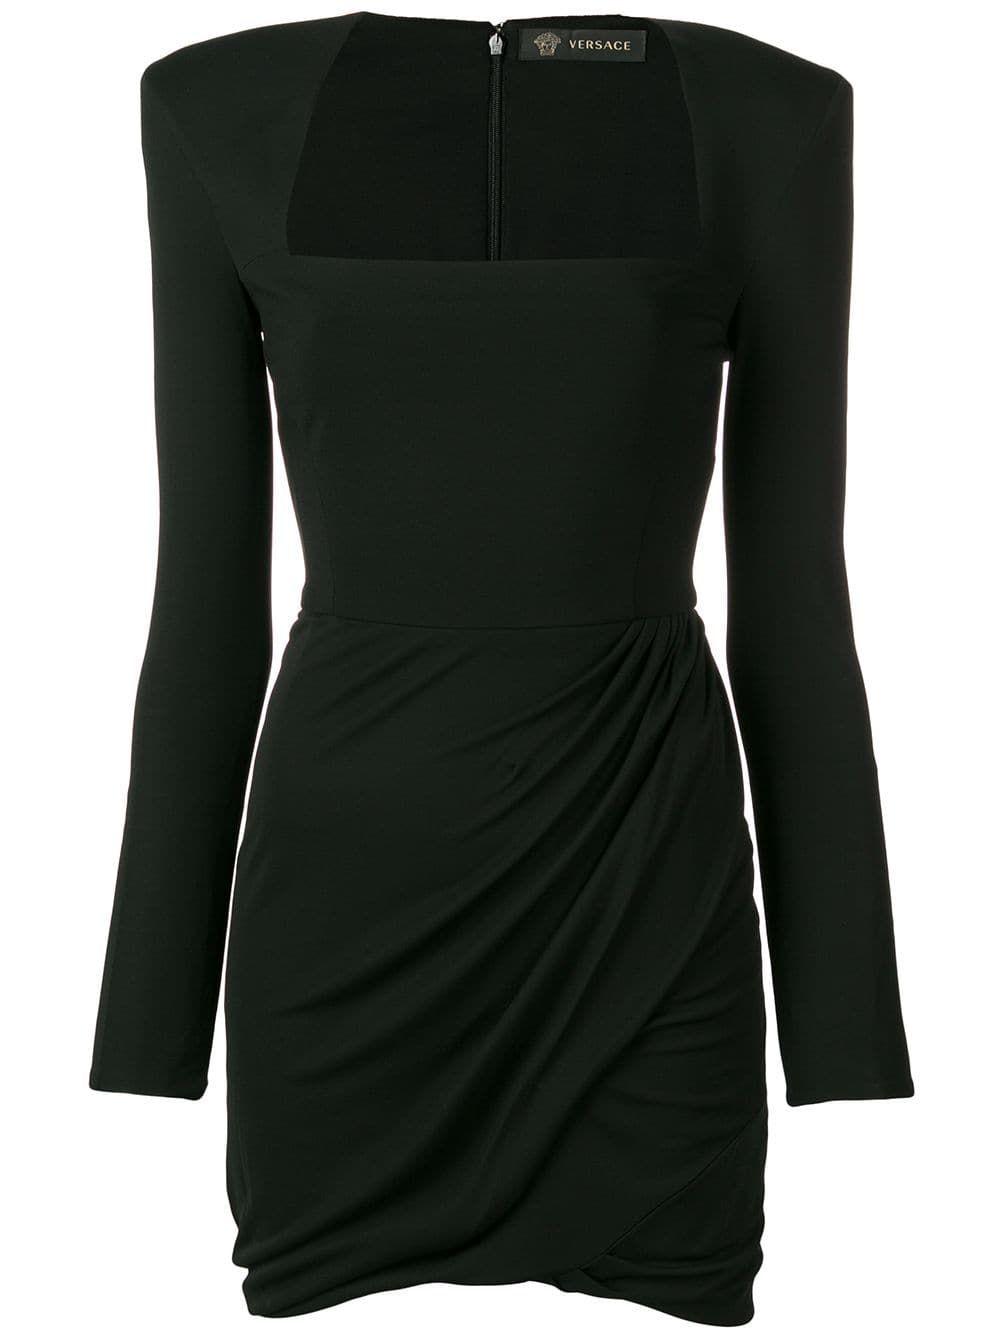 Versace Shoulder Pad Mini Dress Farfetch Black Long Sleeve Mini Dress Shoulder Pad Dress Mini Black Dress [ 1334 x 1000 Pixel ]